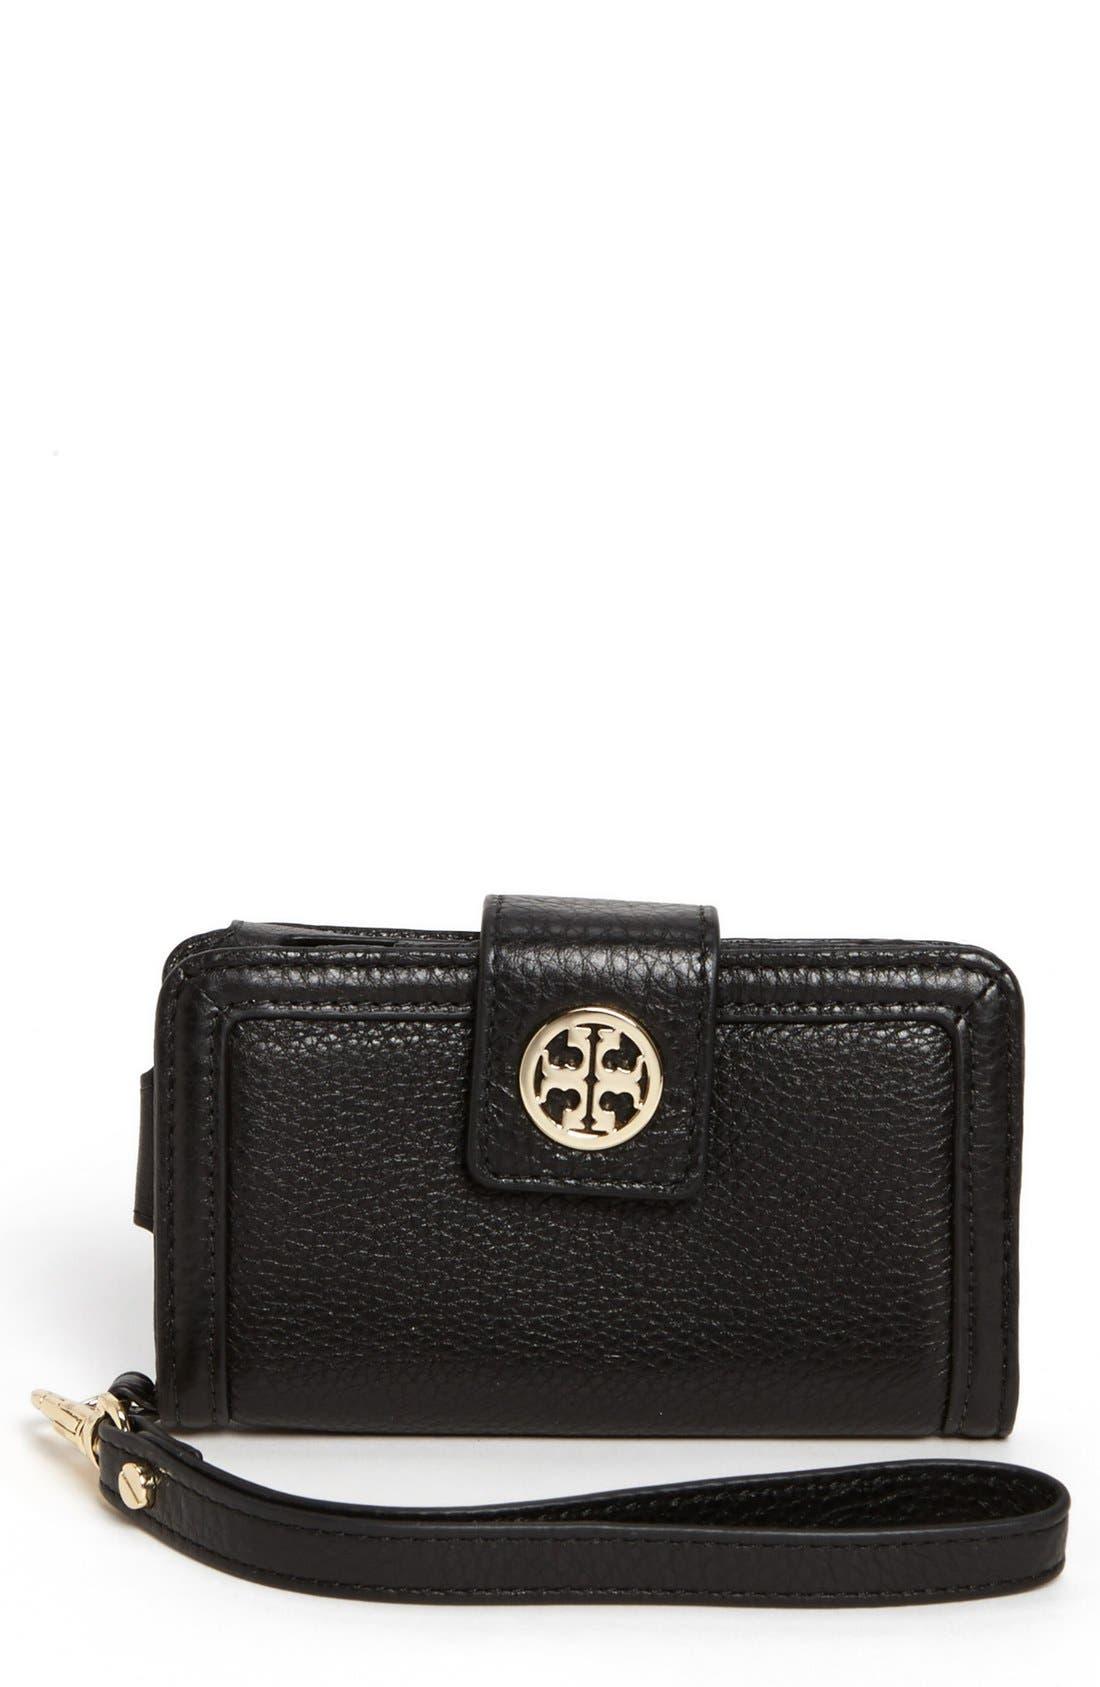 Alternate Image 1 Selected - Tory Burch 'Amanda' Smartphone Wallet